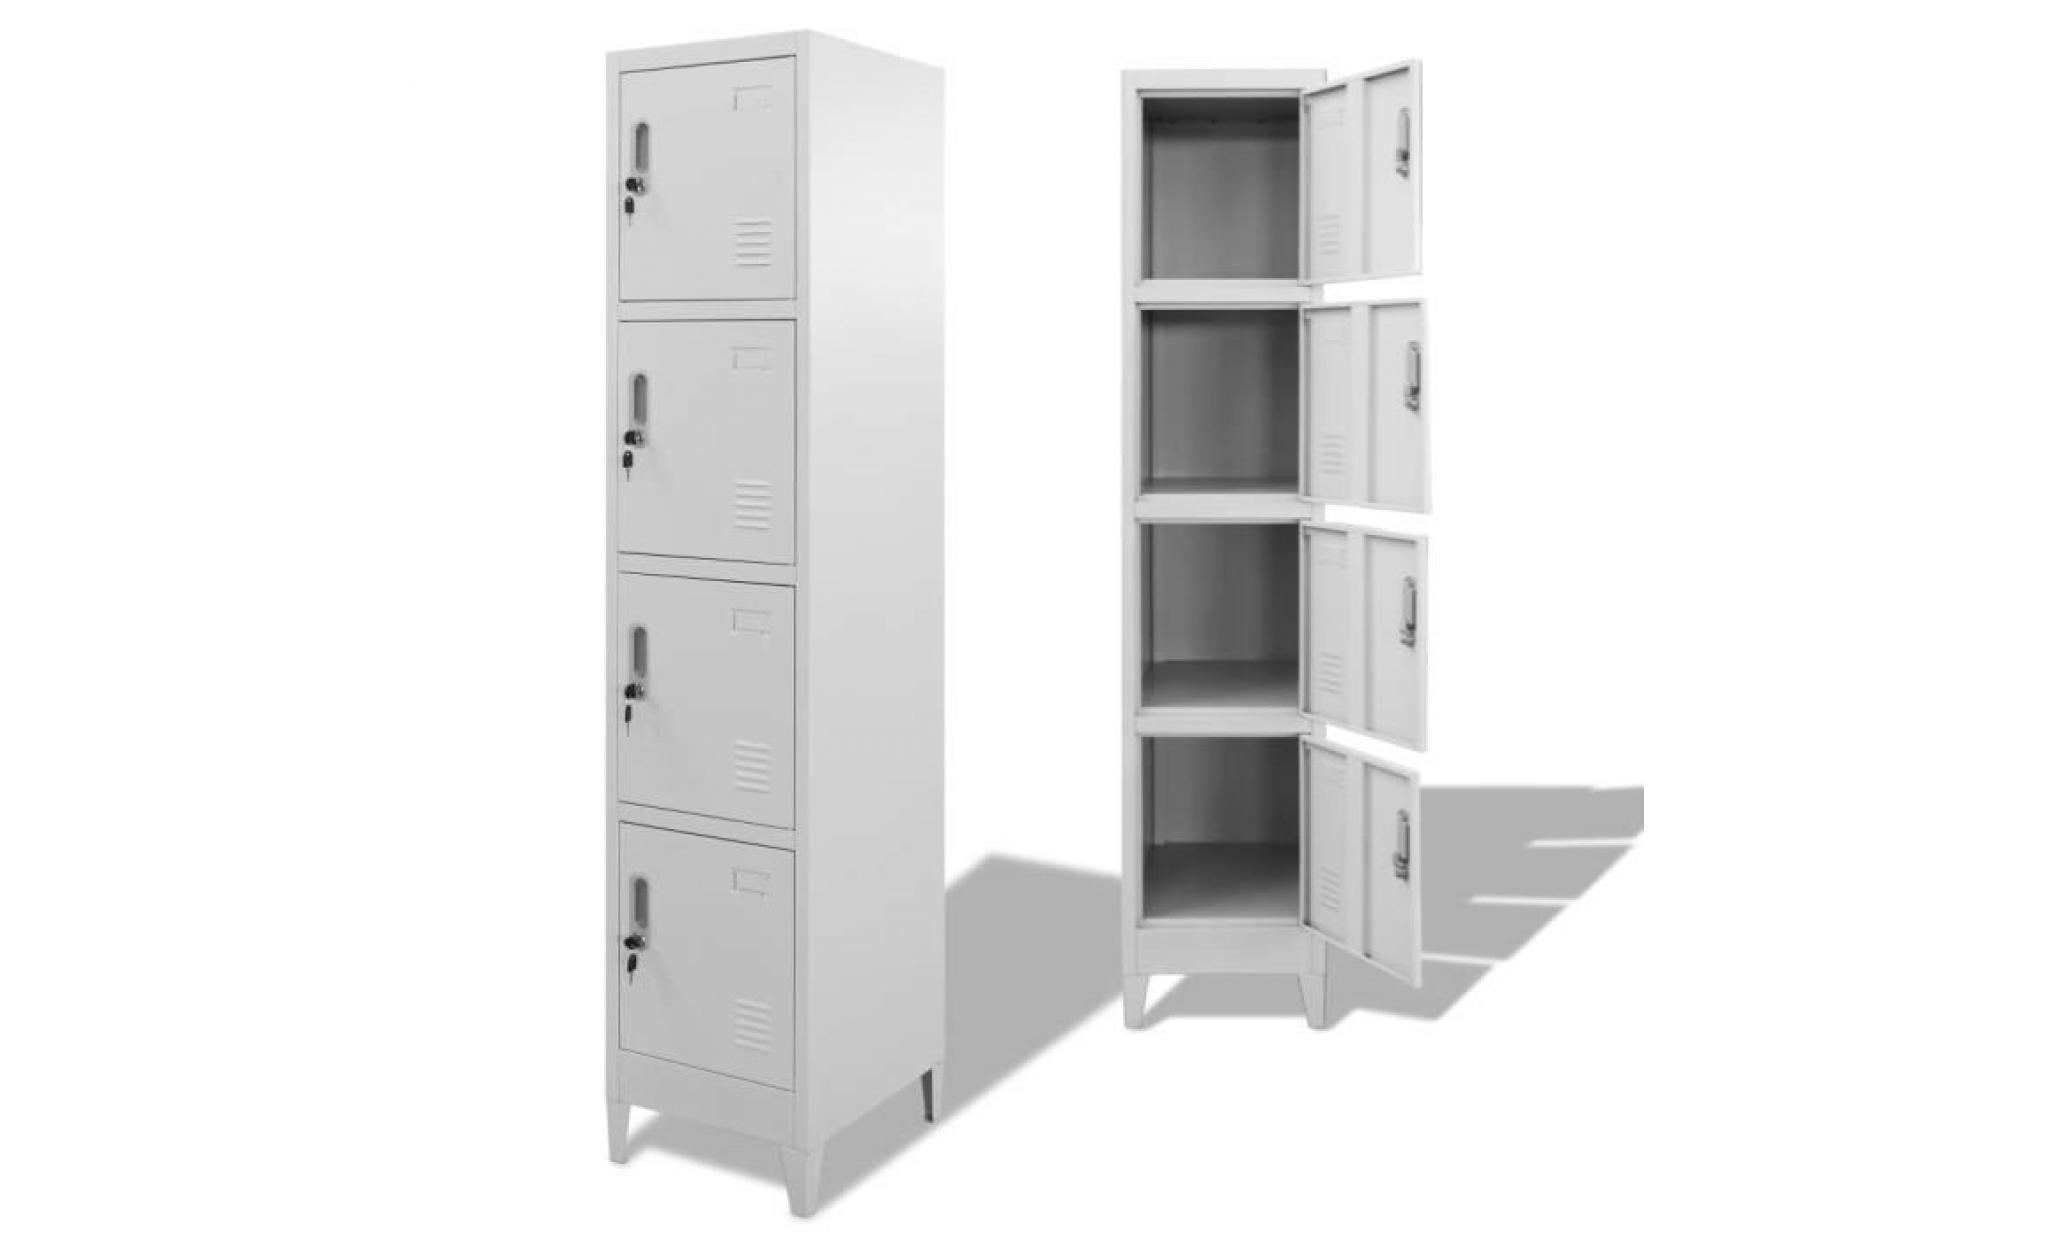 80f799e9aefa5 armoire à casiers aavec 4 portes meuble de rangement contemporain  scandinave 38 x 45 x 180